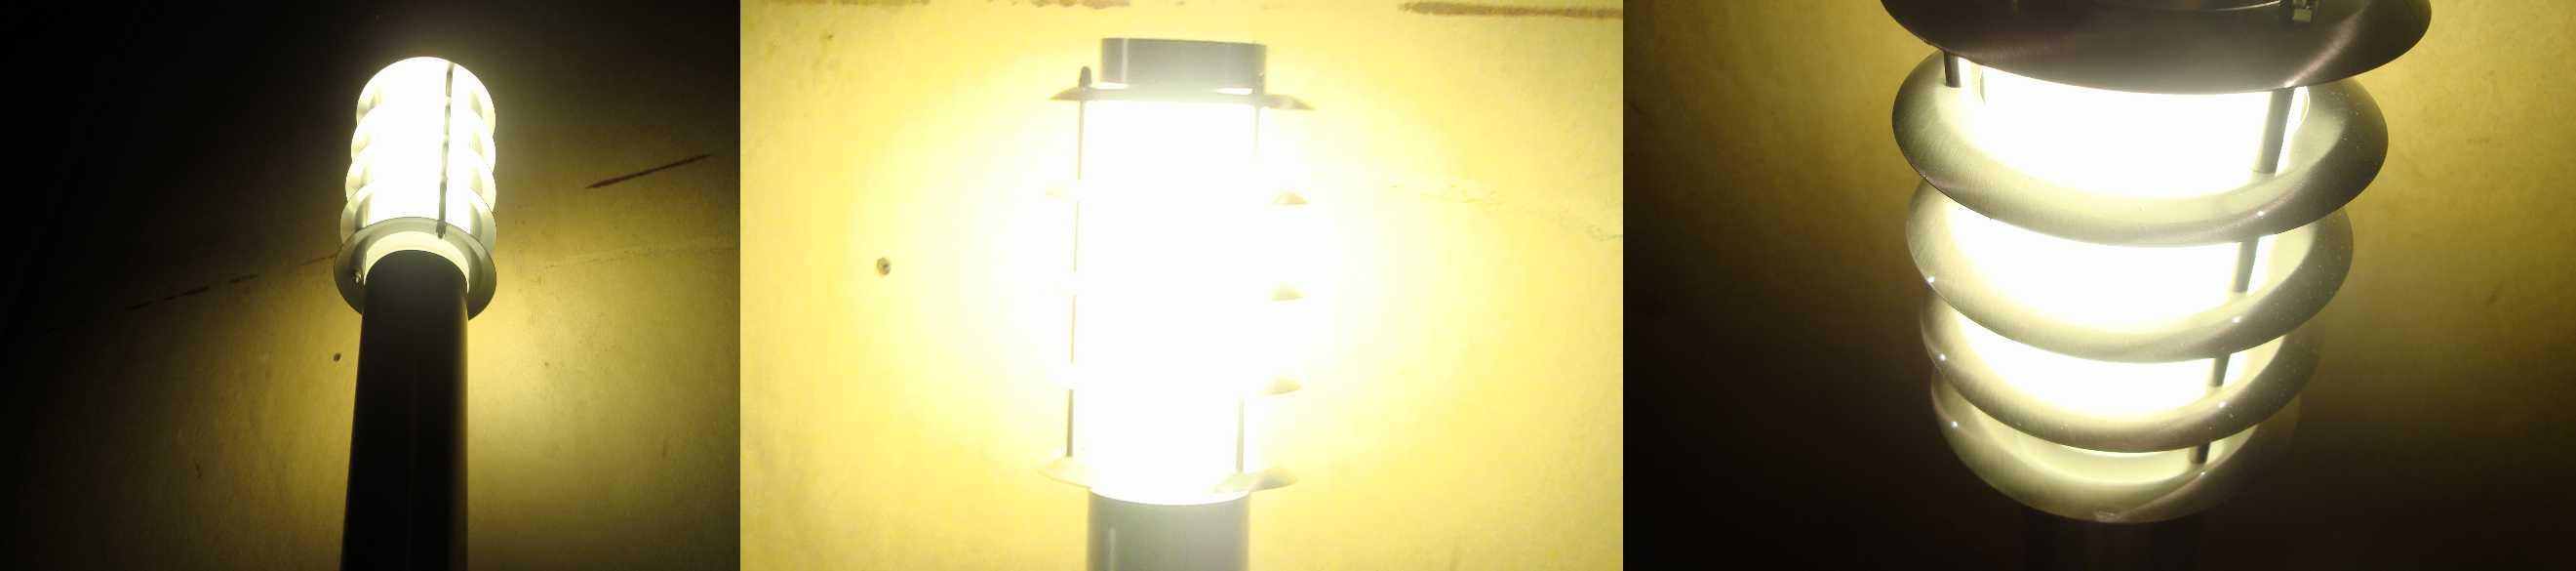 Купить светодиодный парковый светильник в Киеве по выгодной цене с бесплатной доставкой